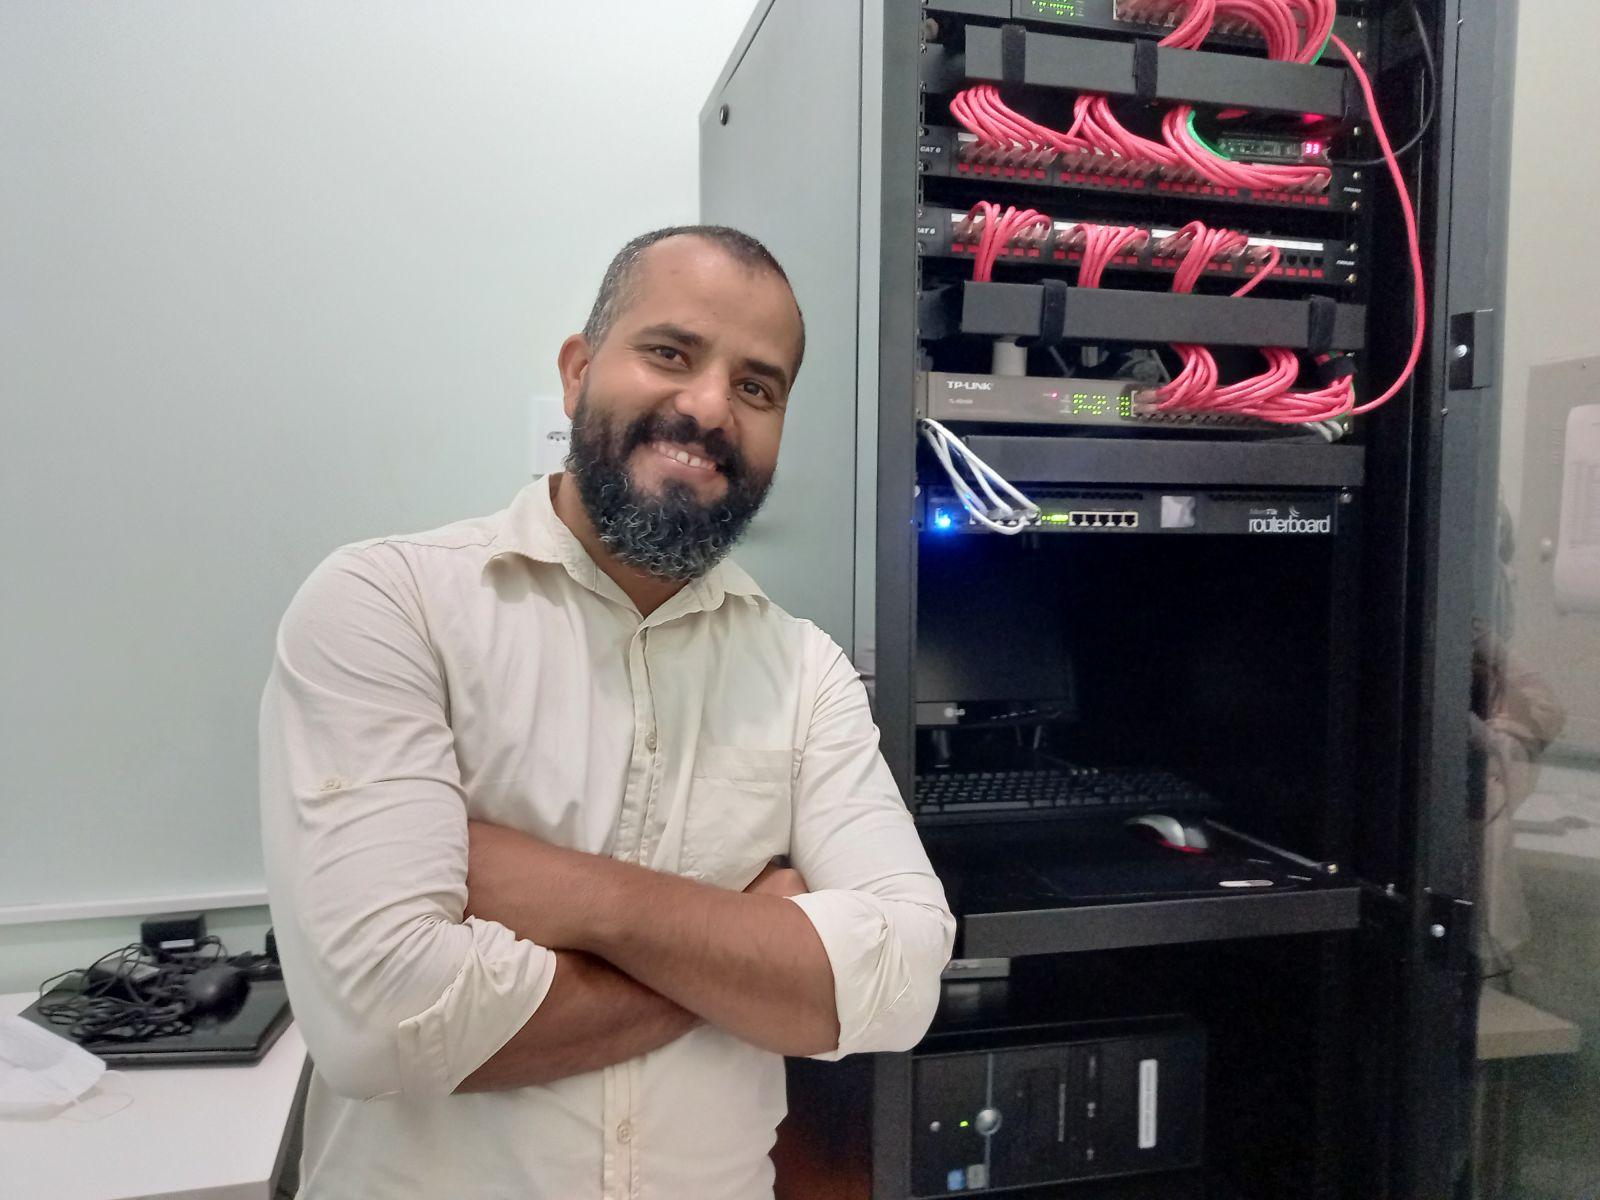 Dieferson Costa é técnico em informática. Ele observou o fio fora do lugar aos fundos nesta imagem. (Foto: Rildo Costa)